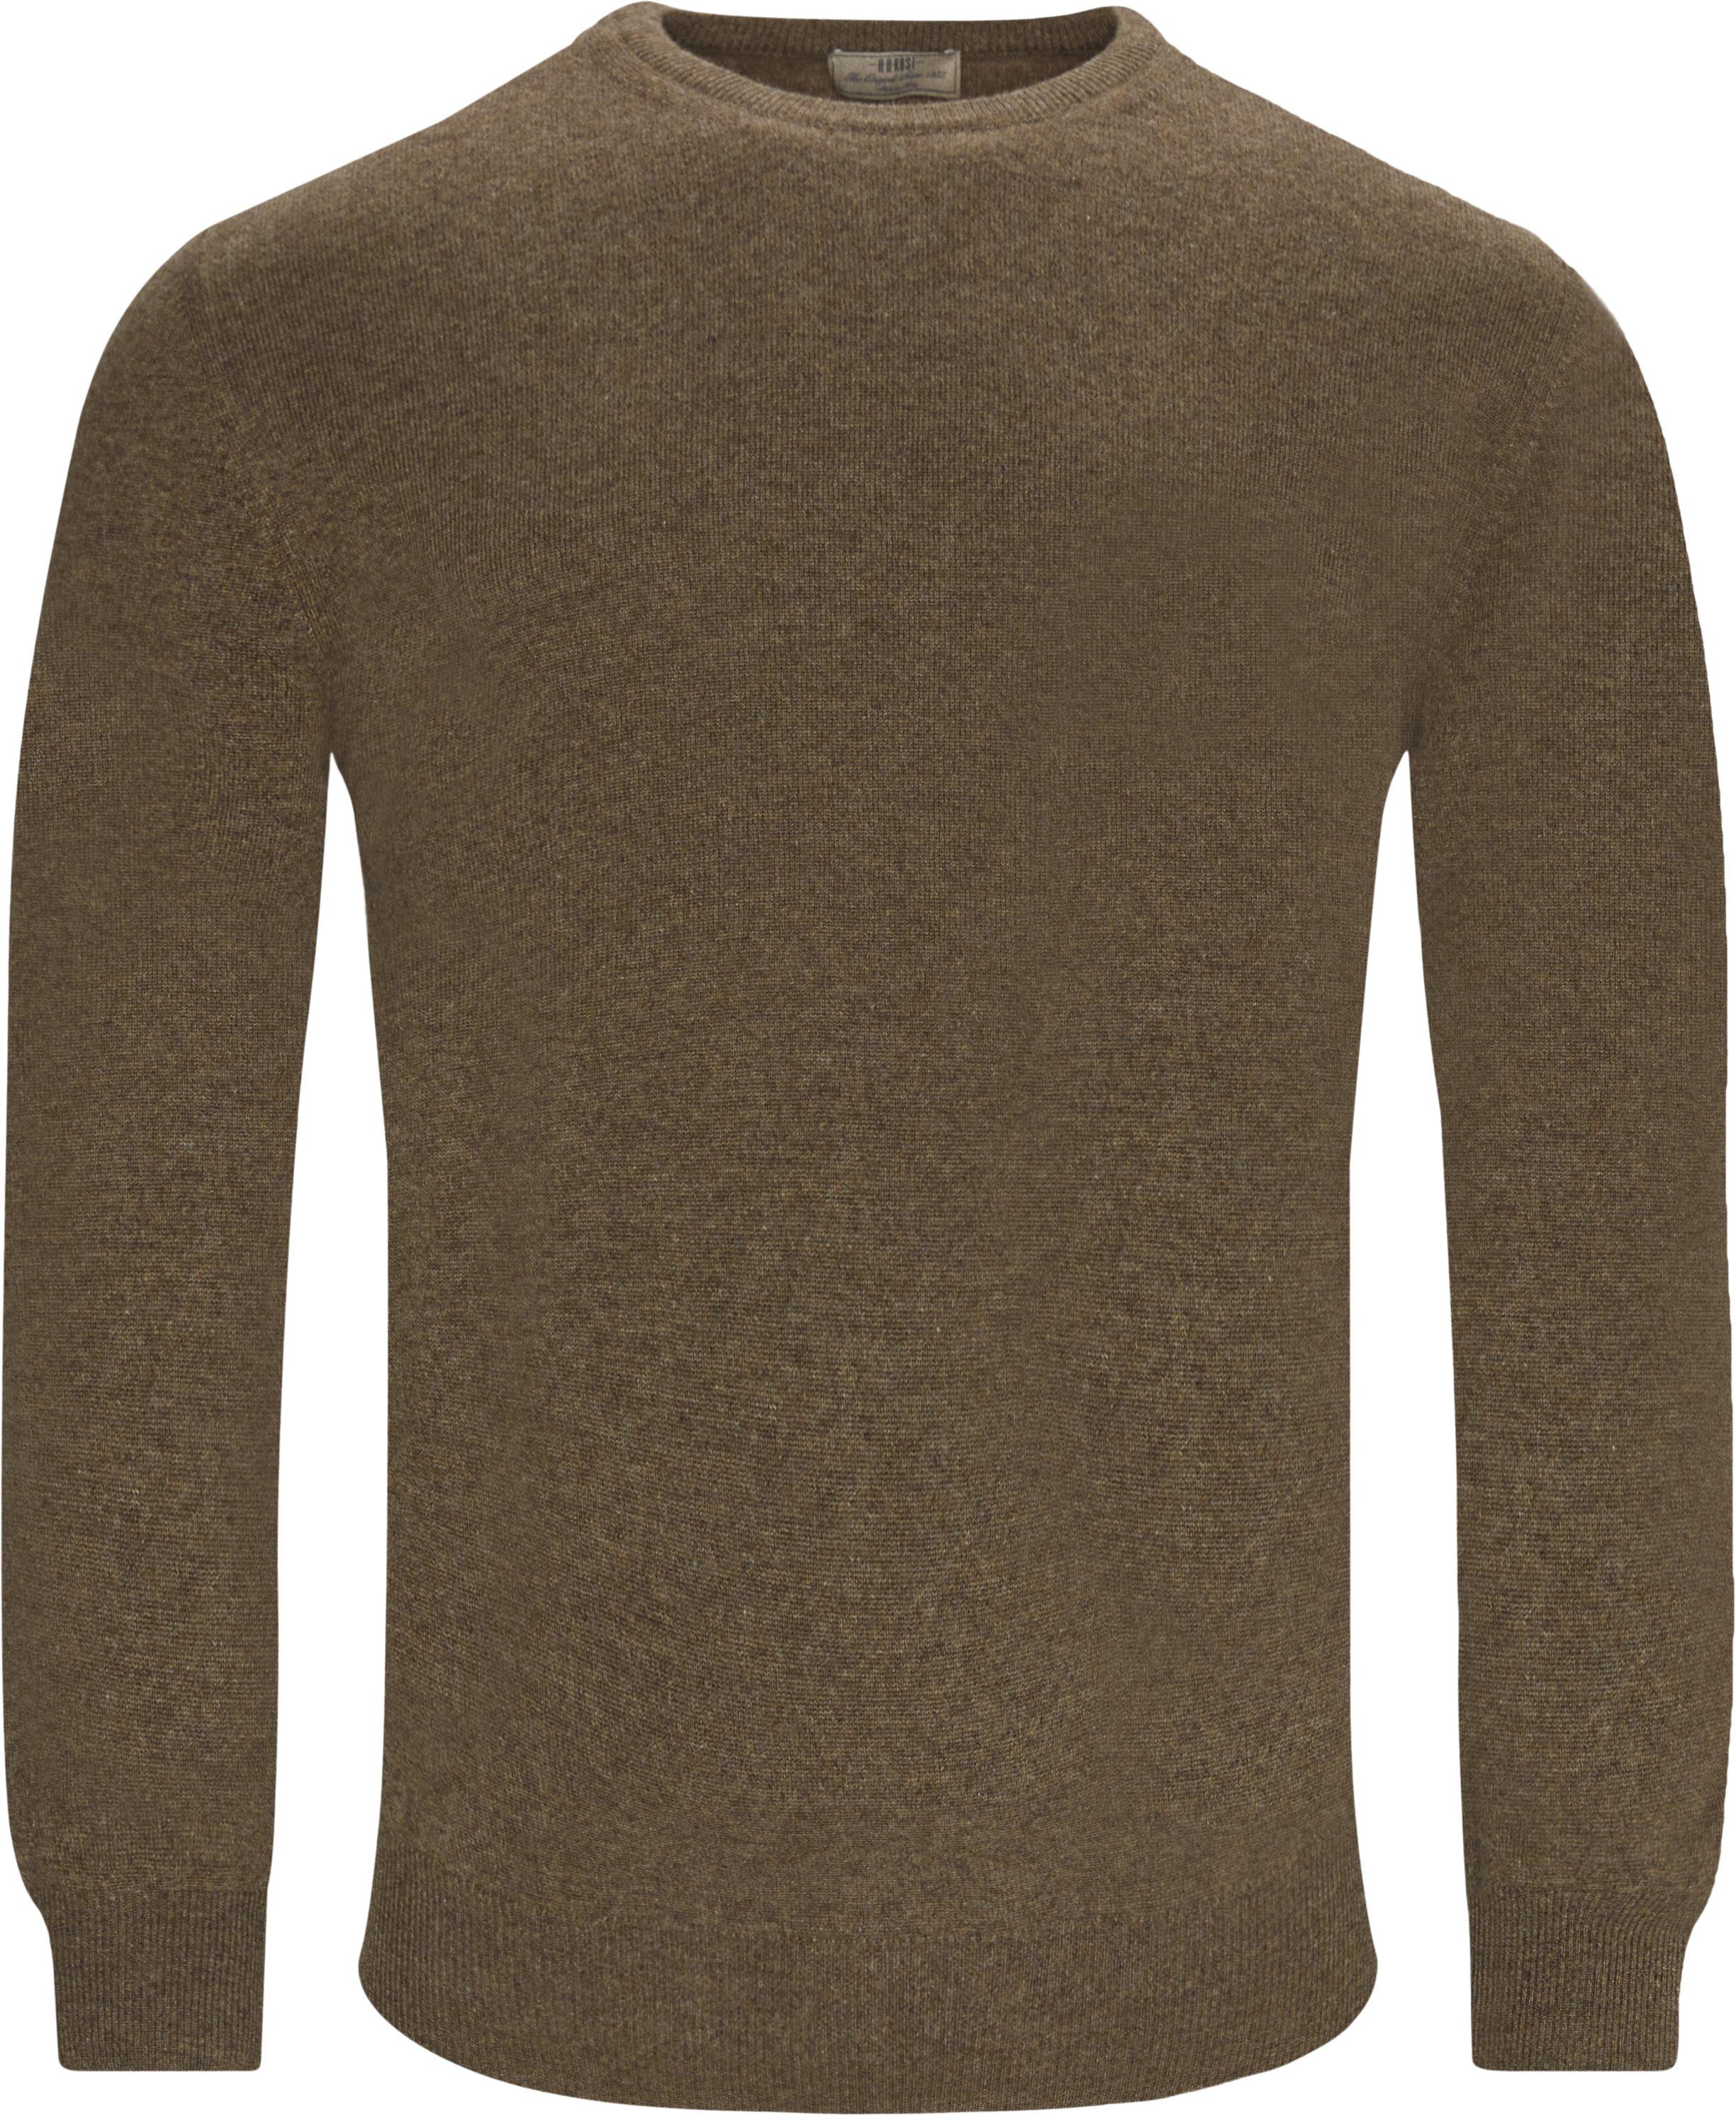 Knitwear - Brown